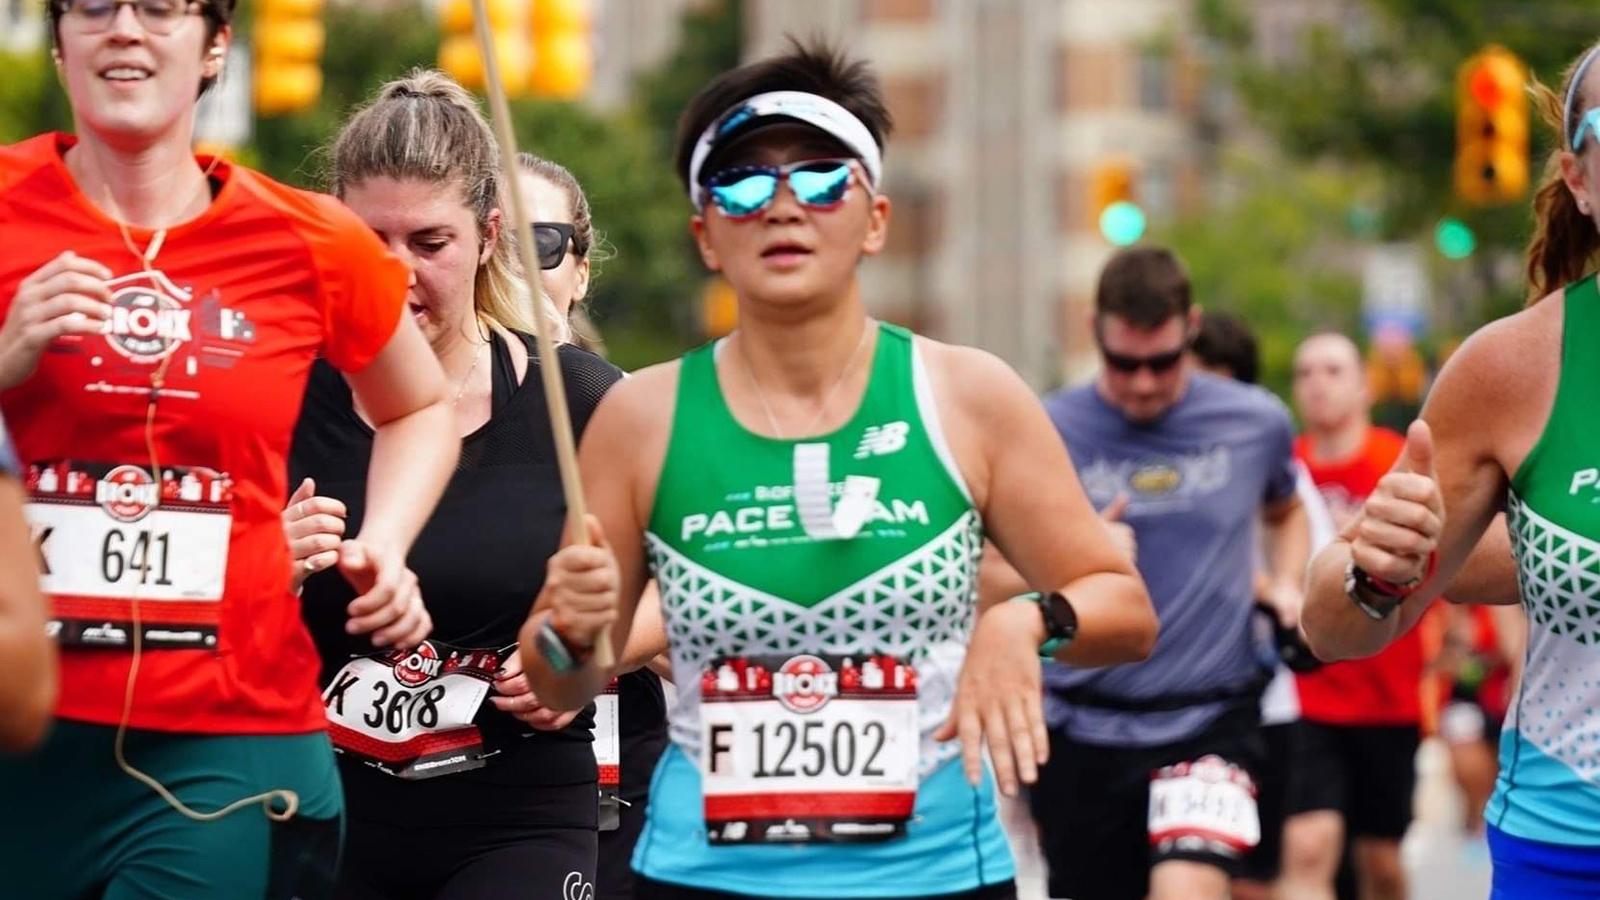 NYRR Pace Team member Louisa Lam